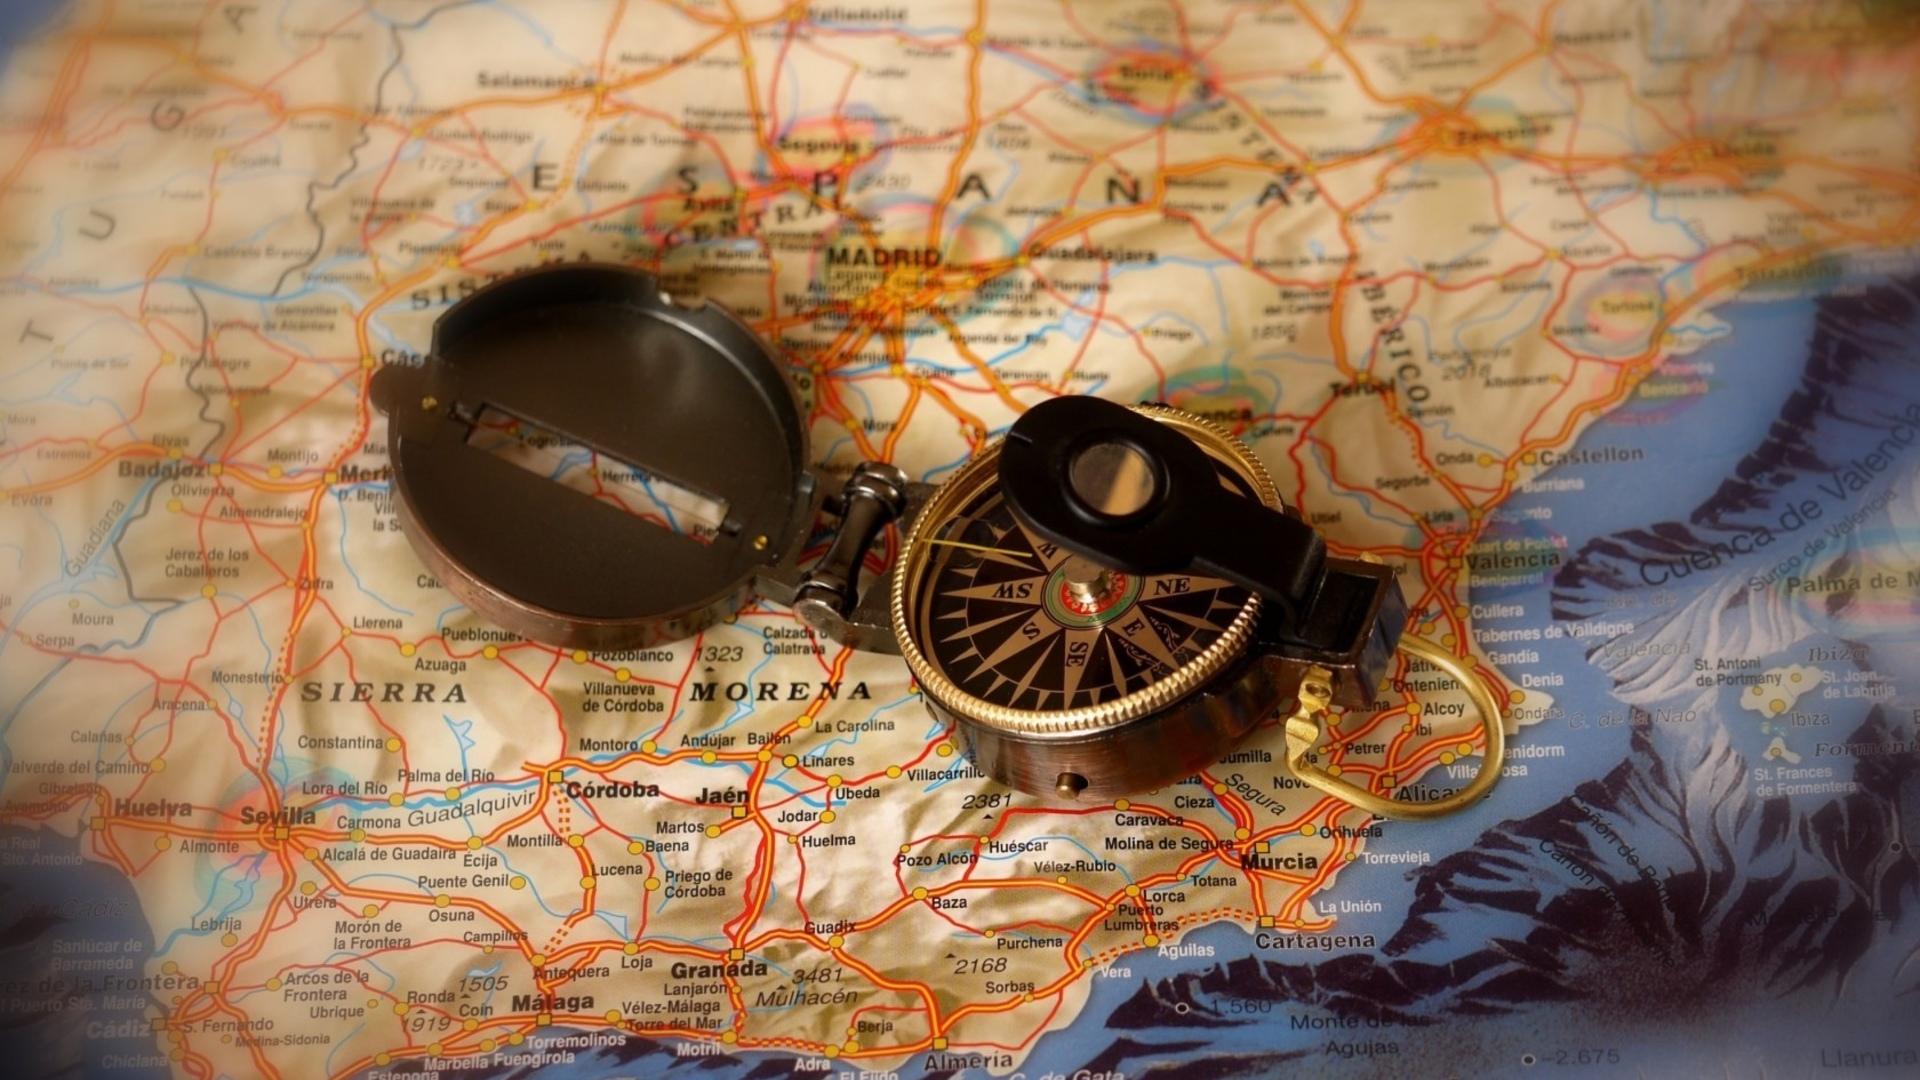 Wallpaper 1920x1080 Px Compas Map Spain Travel 1920x1080